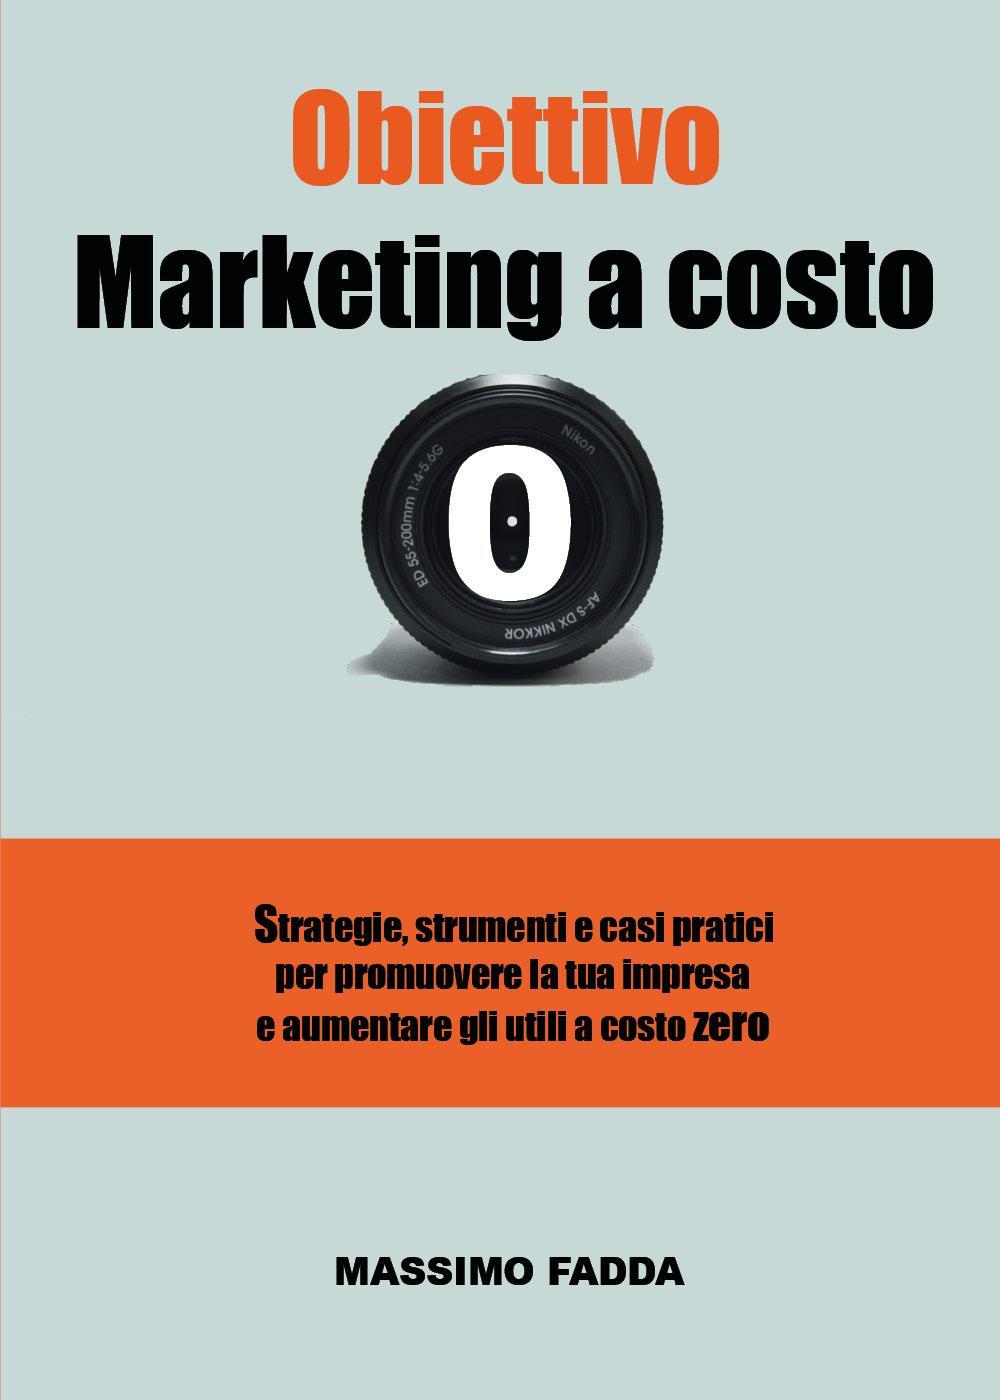 Obiettivo Marketing a costo zero